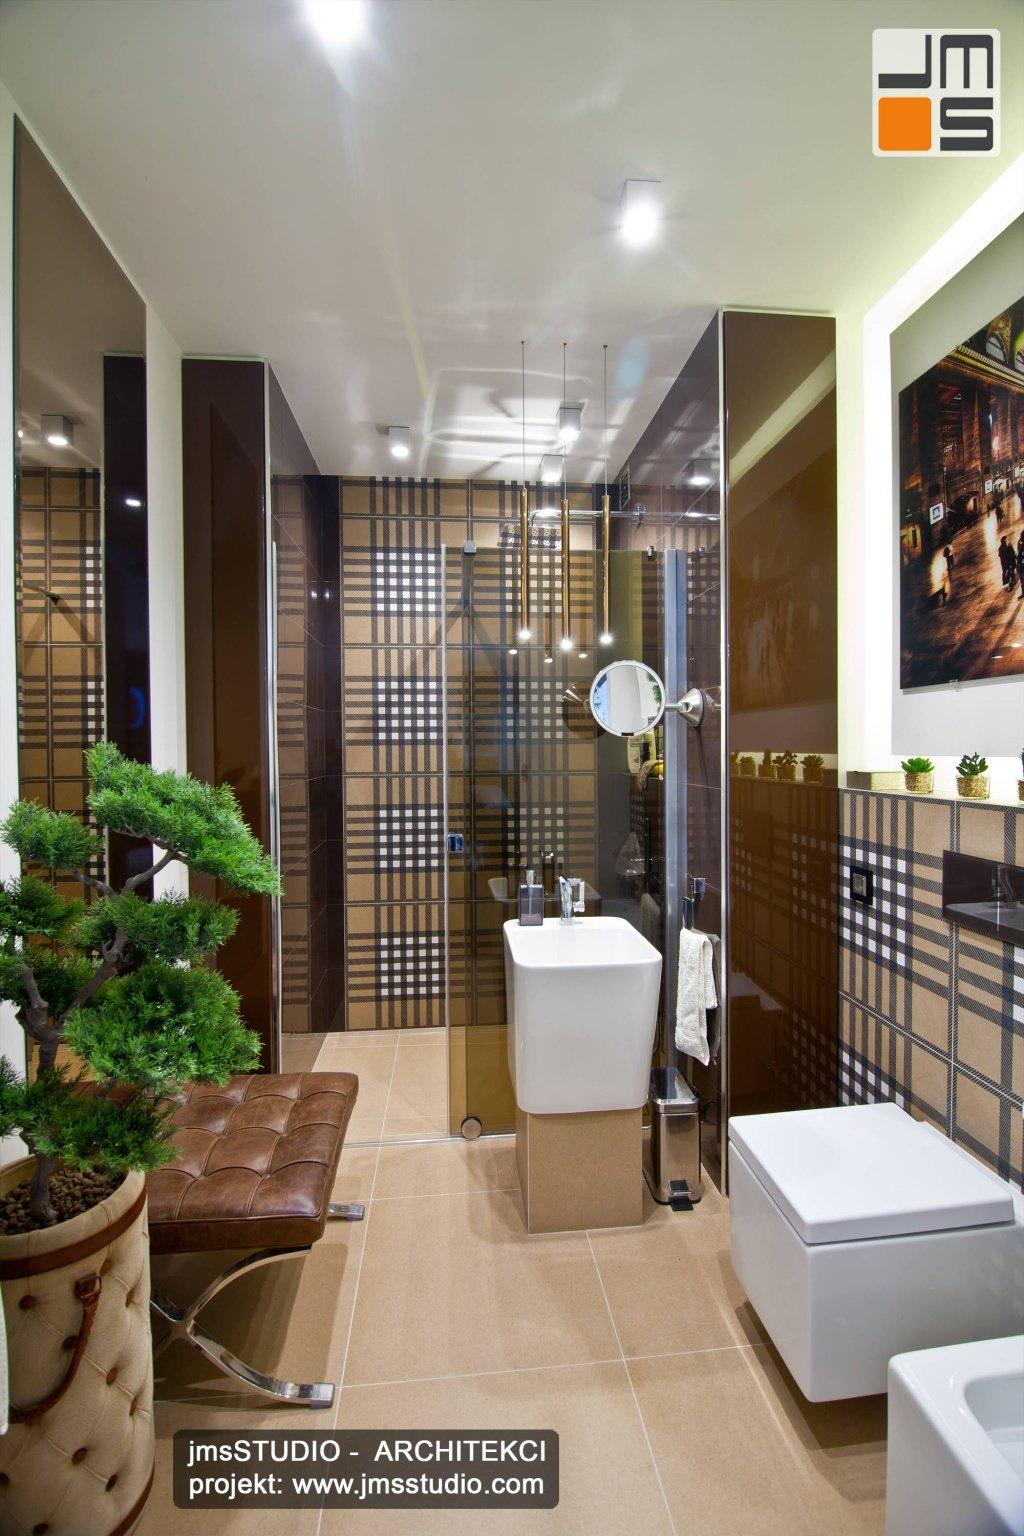 Ekskluzywny projekt wnętrz bardzo eleganckiej łazienki z wolno stojącą umywalką i płytkami gresowymi z oryginalny wzór